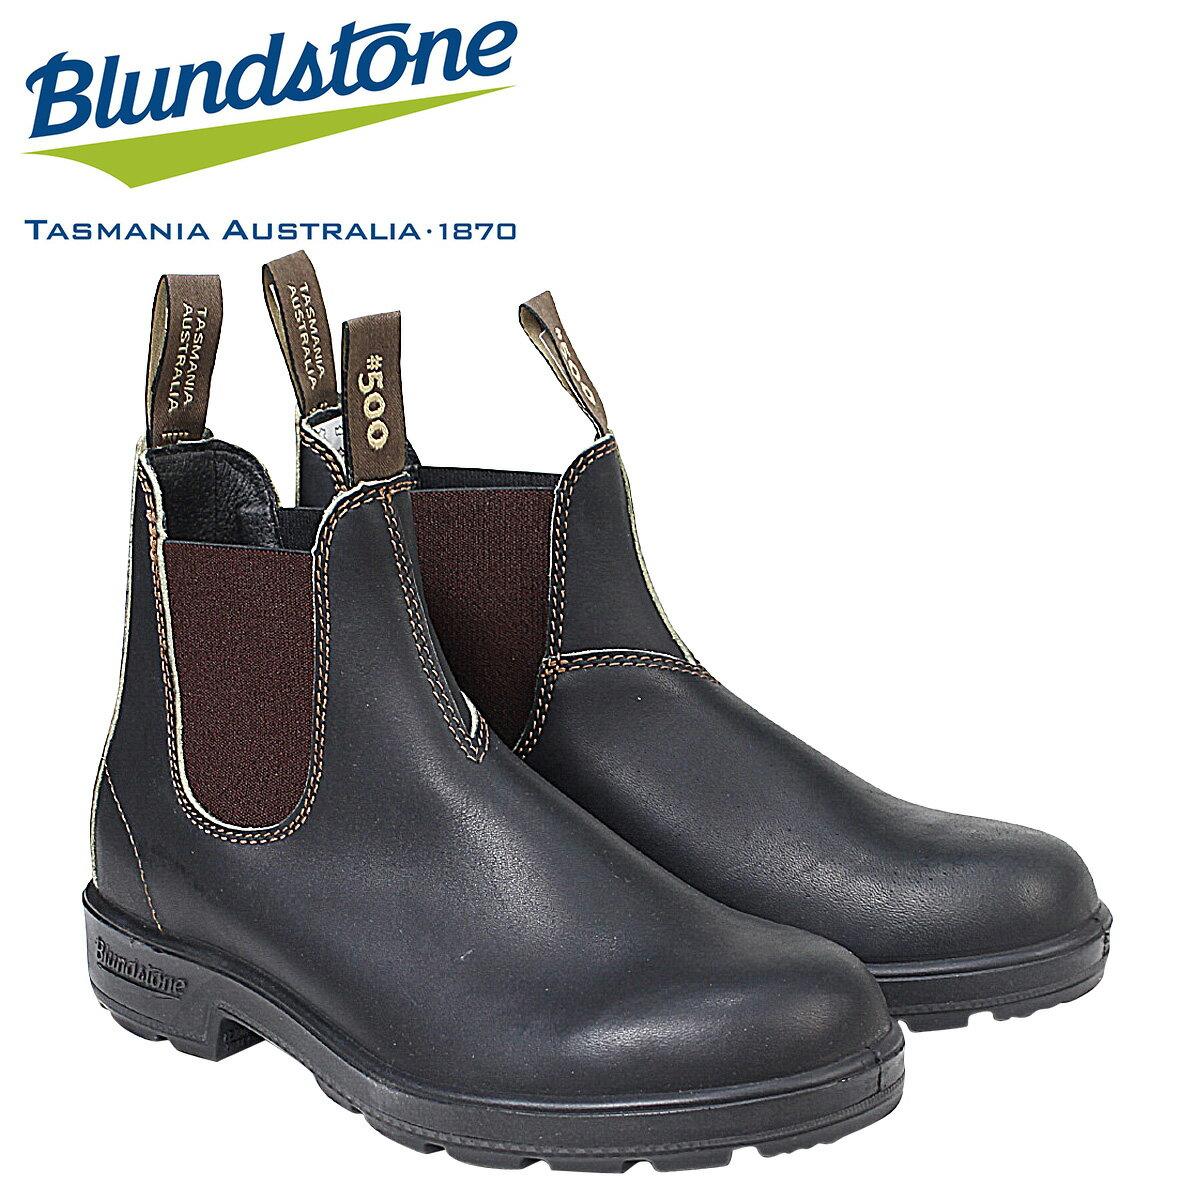 【最大2000円OFFクーポン】 ブランドストーン Blundstone サイドゴア メンズ 500 ブーツ DRESS V CUT BOOTS ブラウン